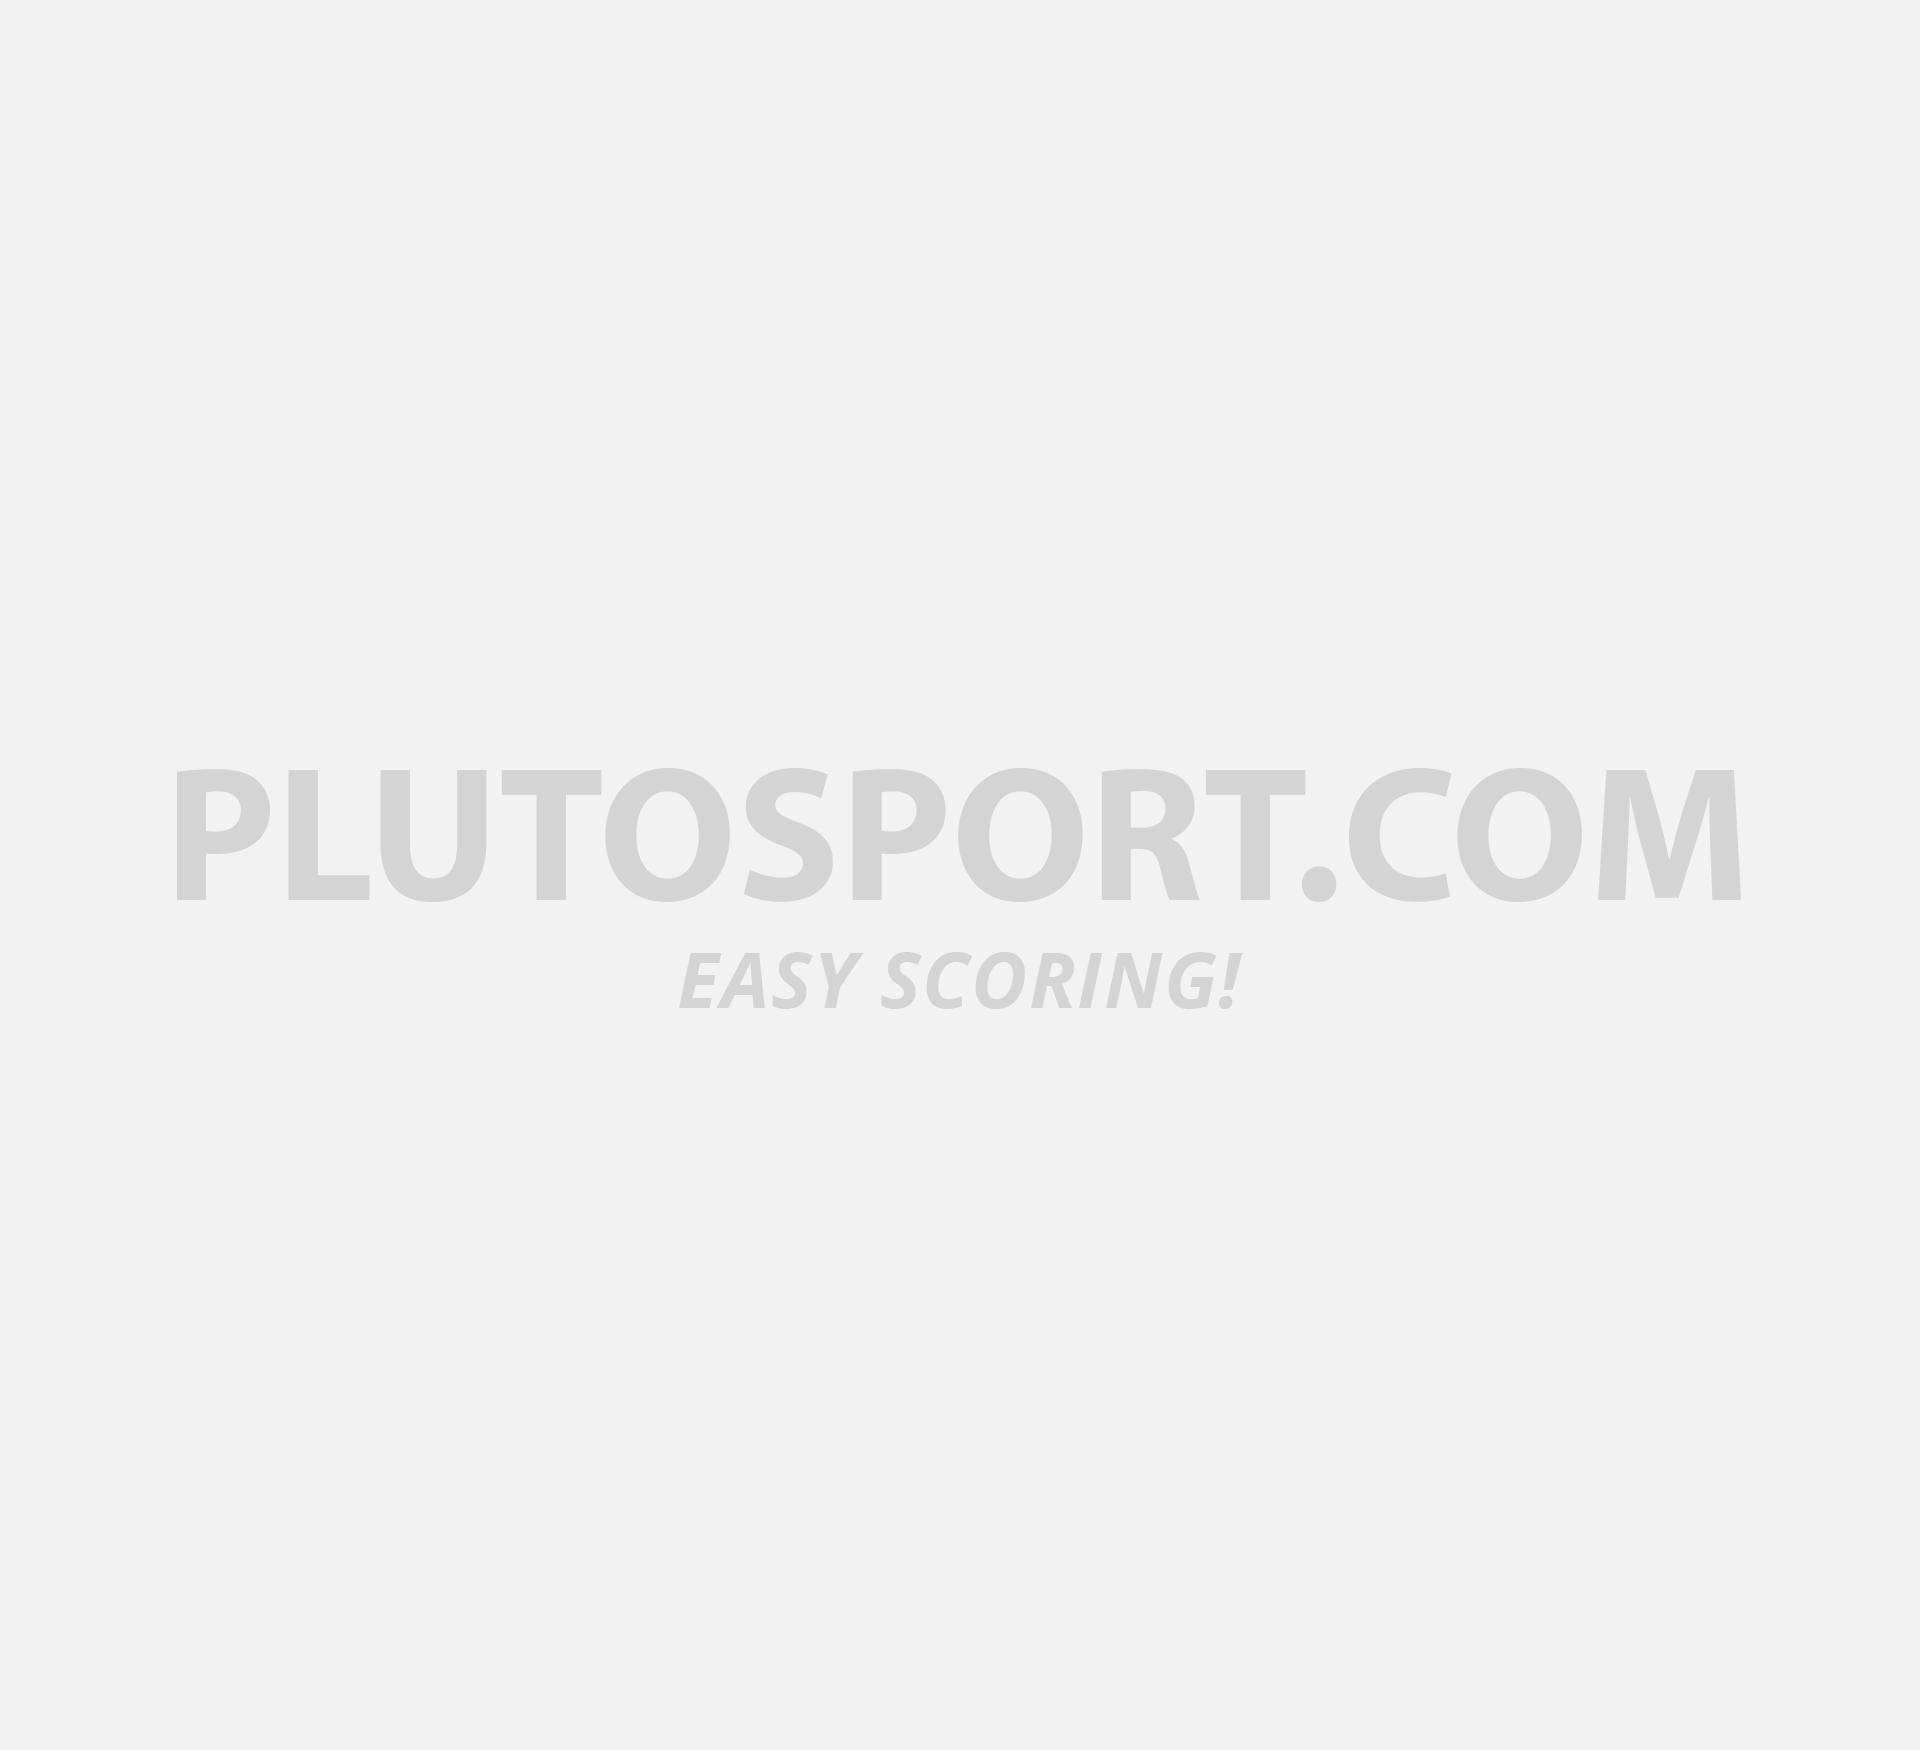 1b4532d0ab3 Puma Flatbrim Cap - Caps - Accessories - Lifestyle - Sports